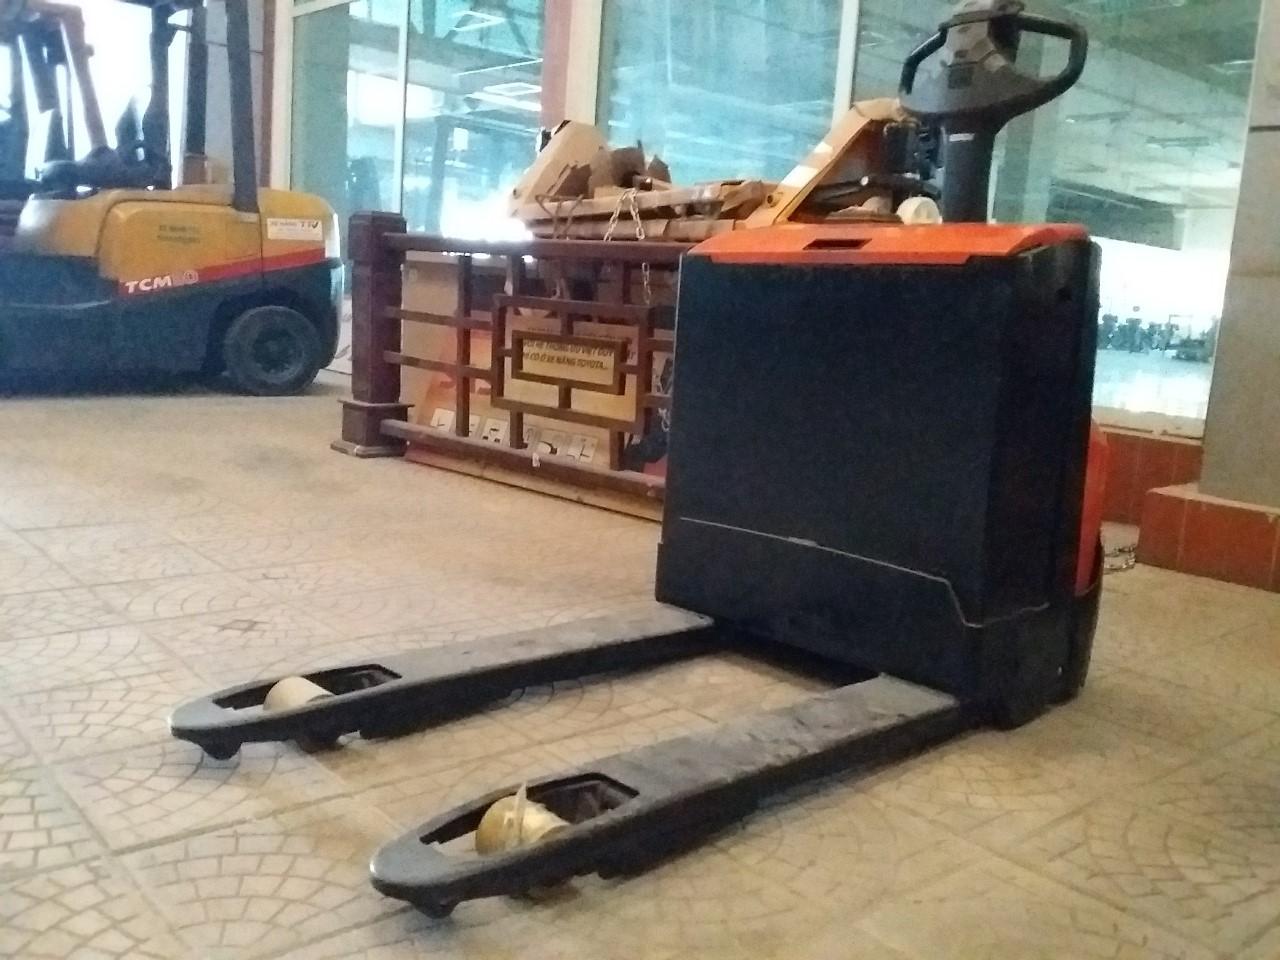 Xe nâng tay cũ, hiệu BT, động cơ điện, model LWE-160, sk: 6099670, sx2009